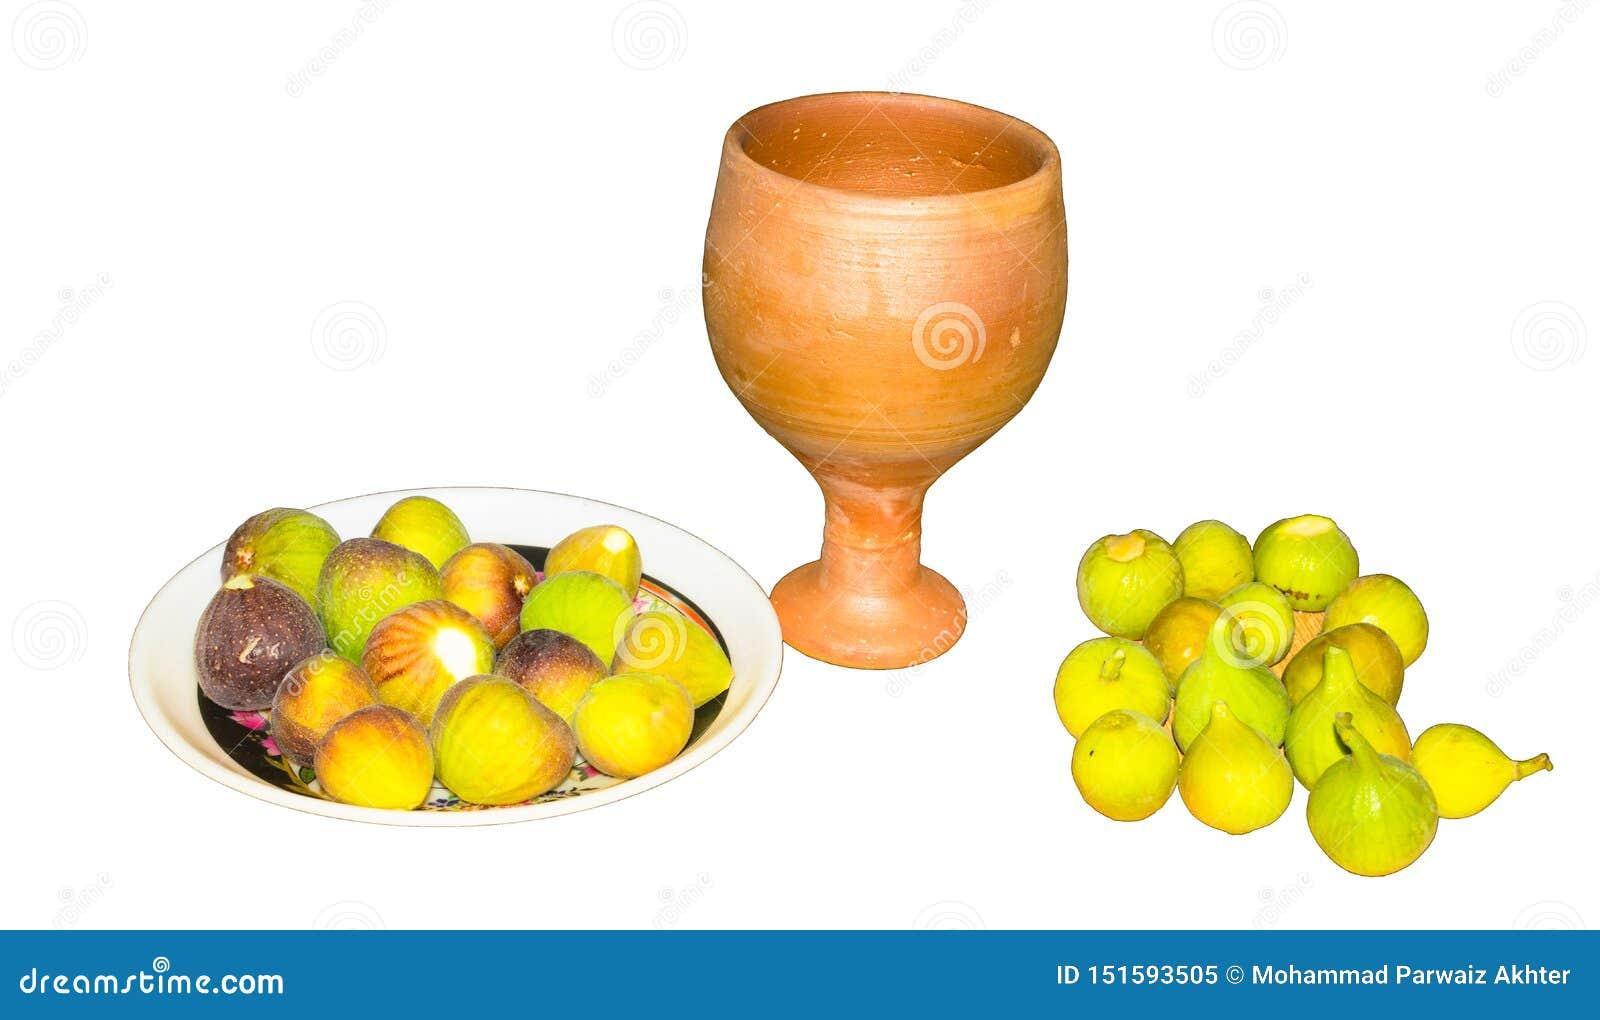 Schließen Sie oben von der frischen Feigenfrucht in einer Platte mit dem lokalisierten Lehmglas